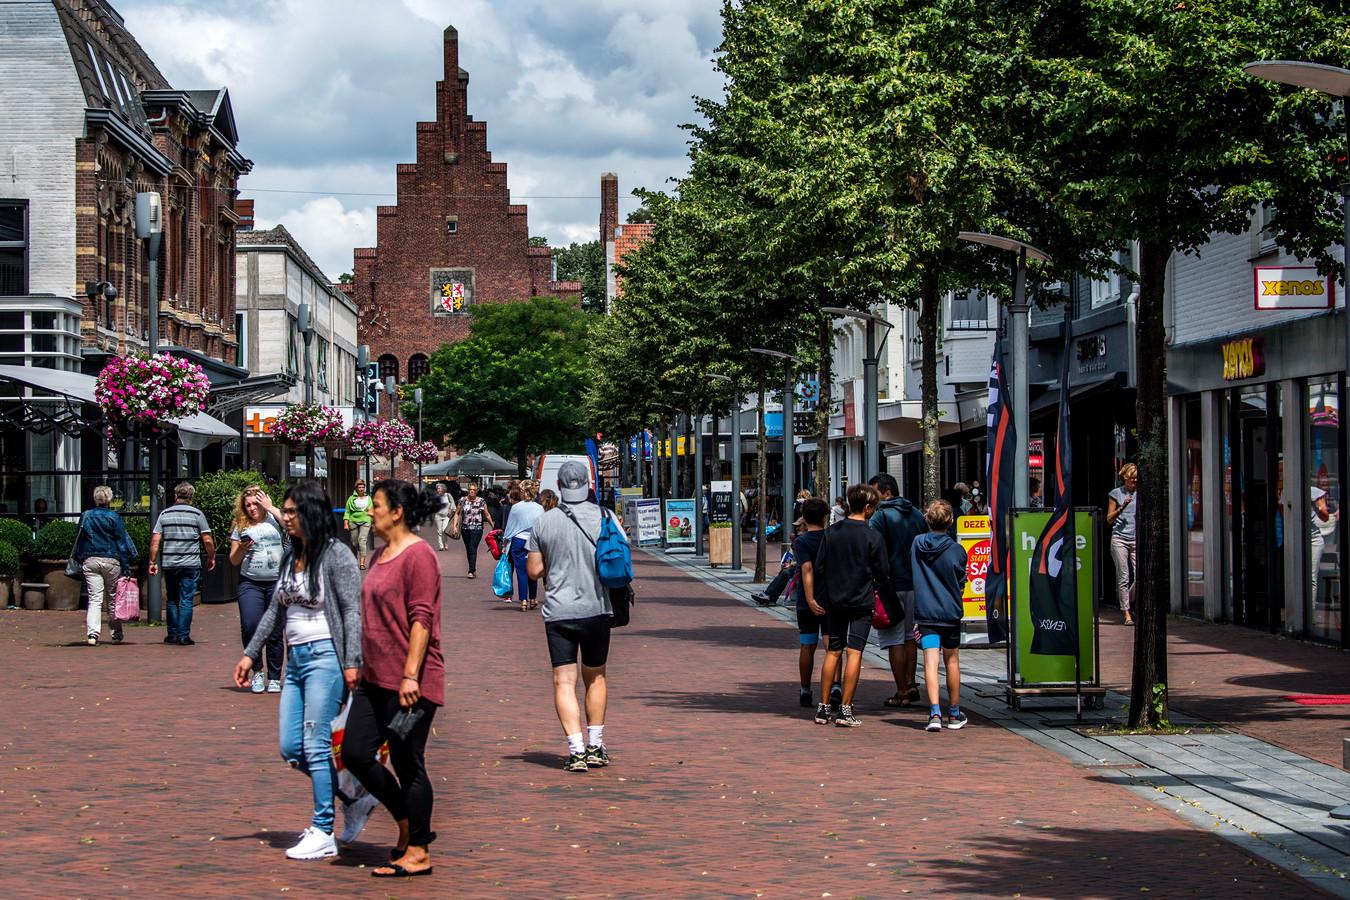 Het aantal passanten in Waalwijk is de laatste jaren drastisch verminderd. Die mensen moeten terug, benadrukt strateeg Tony Wijntuin.